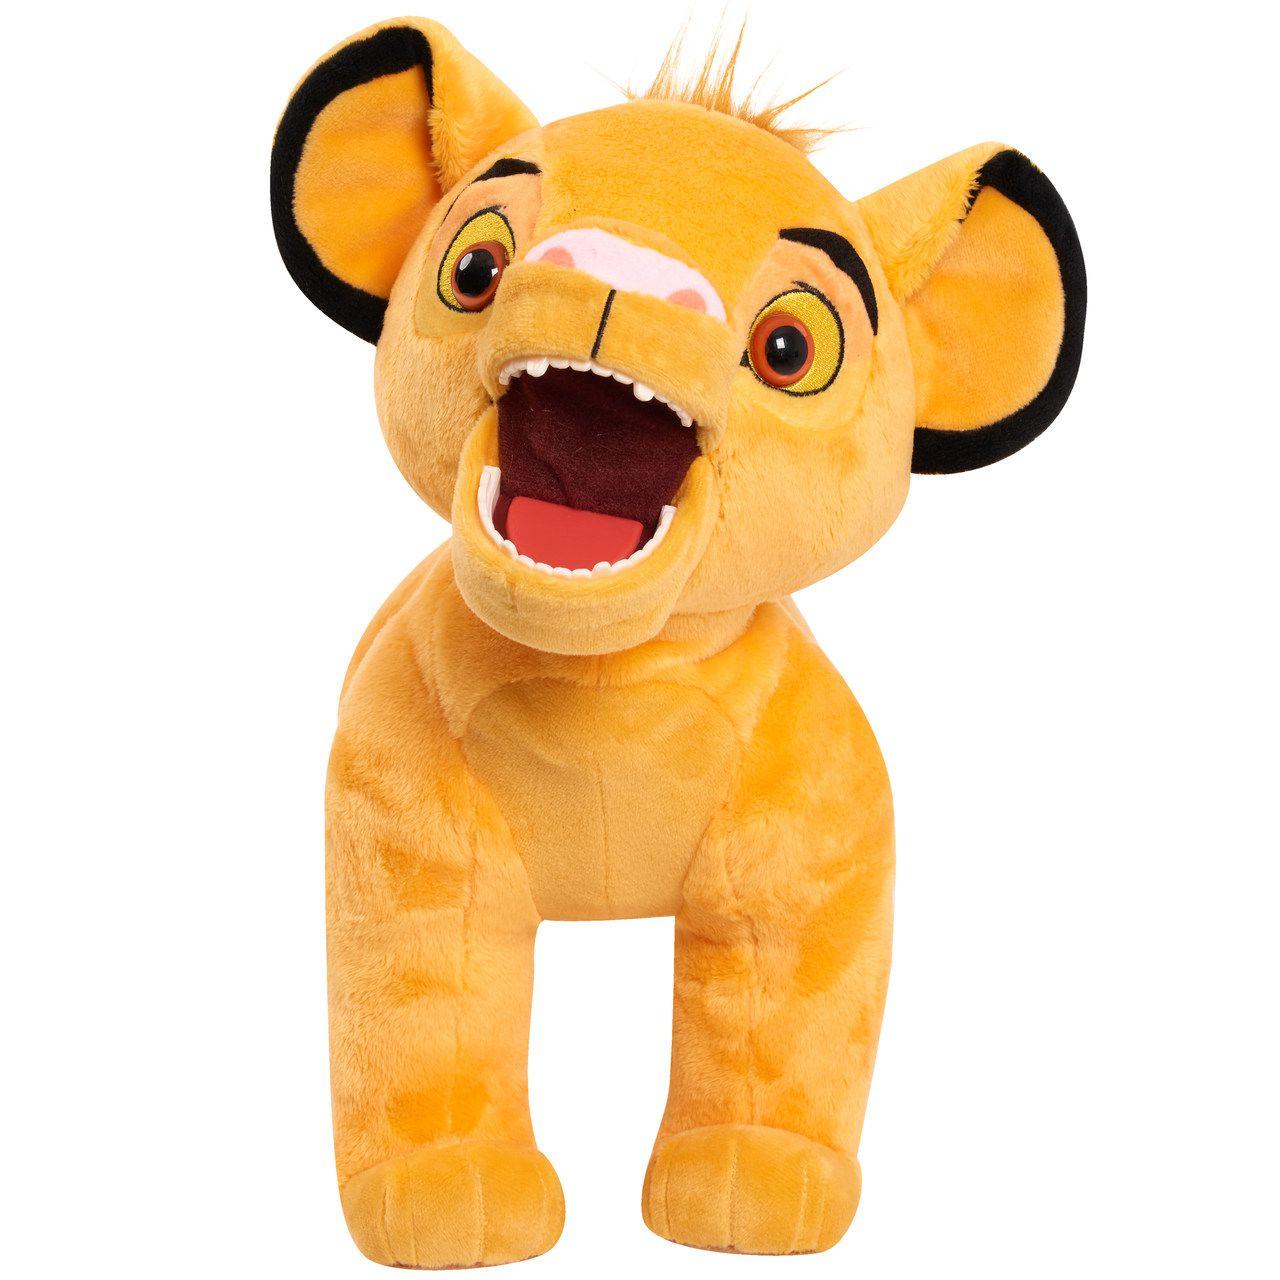 Pelúcia Simba (Som e Movimento): O Rei Leão (The Lion King) - Disney